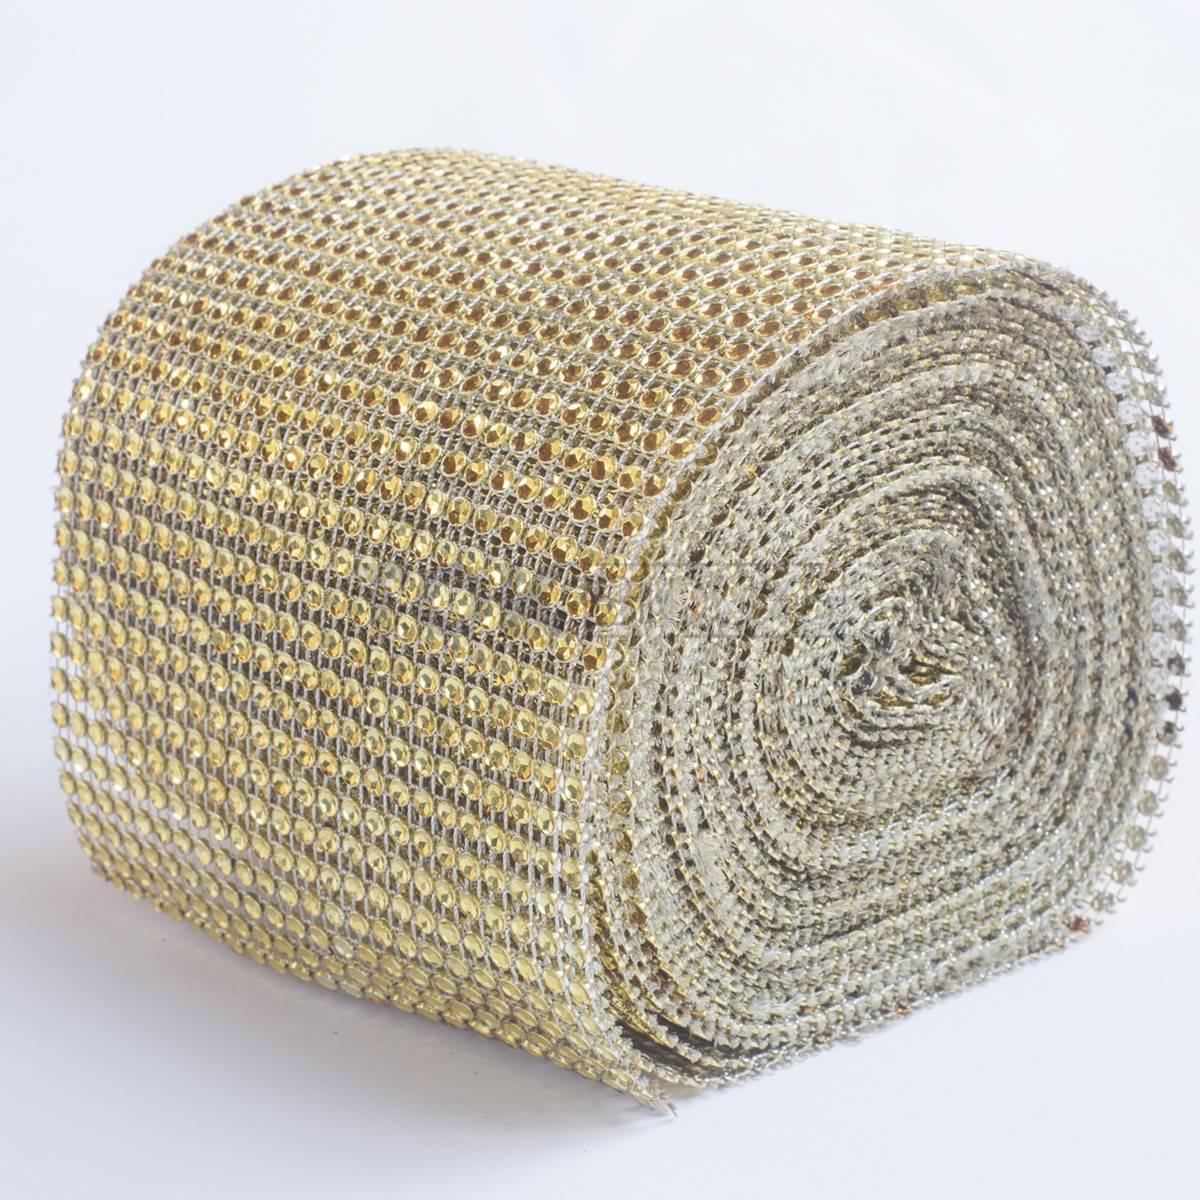 Manta Strass Acrílico - Dourado - 10cm x 1 Metro